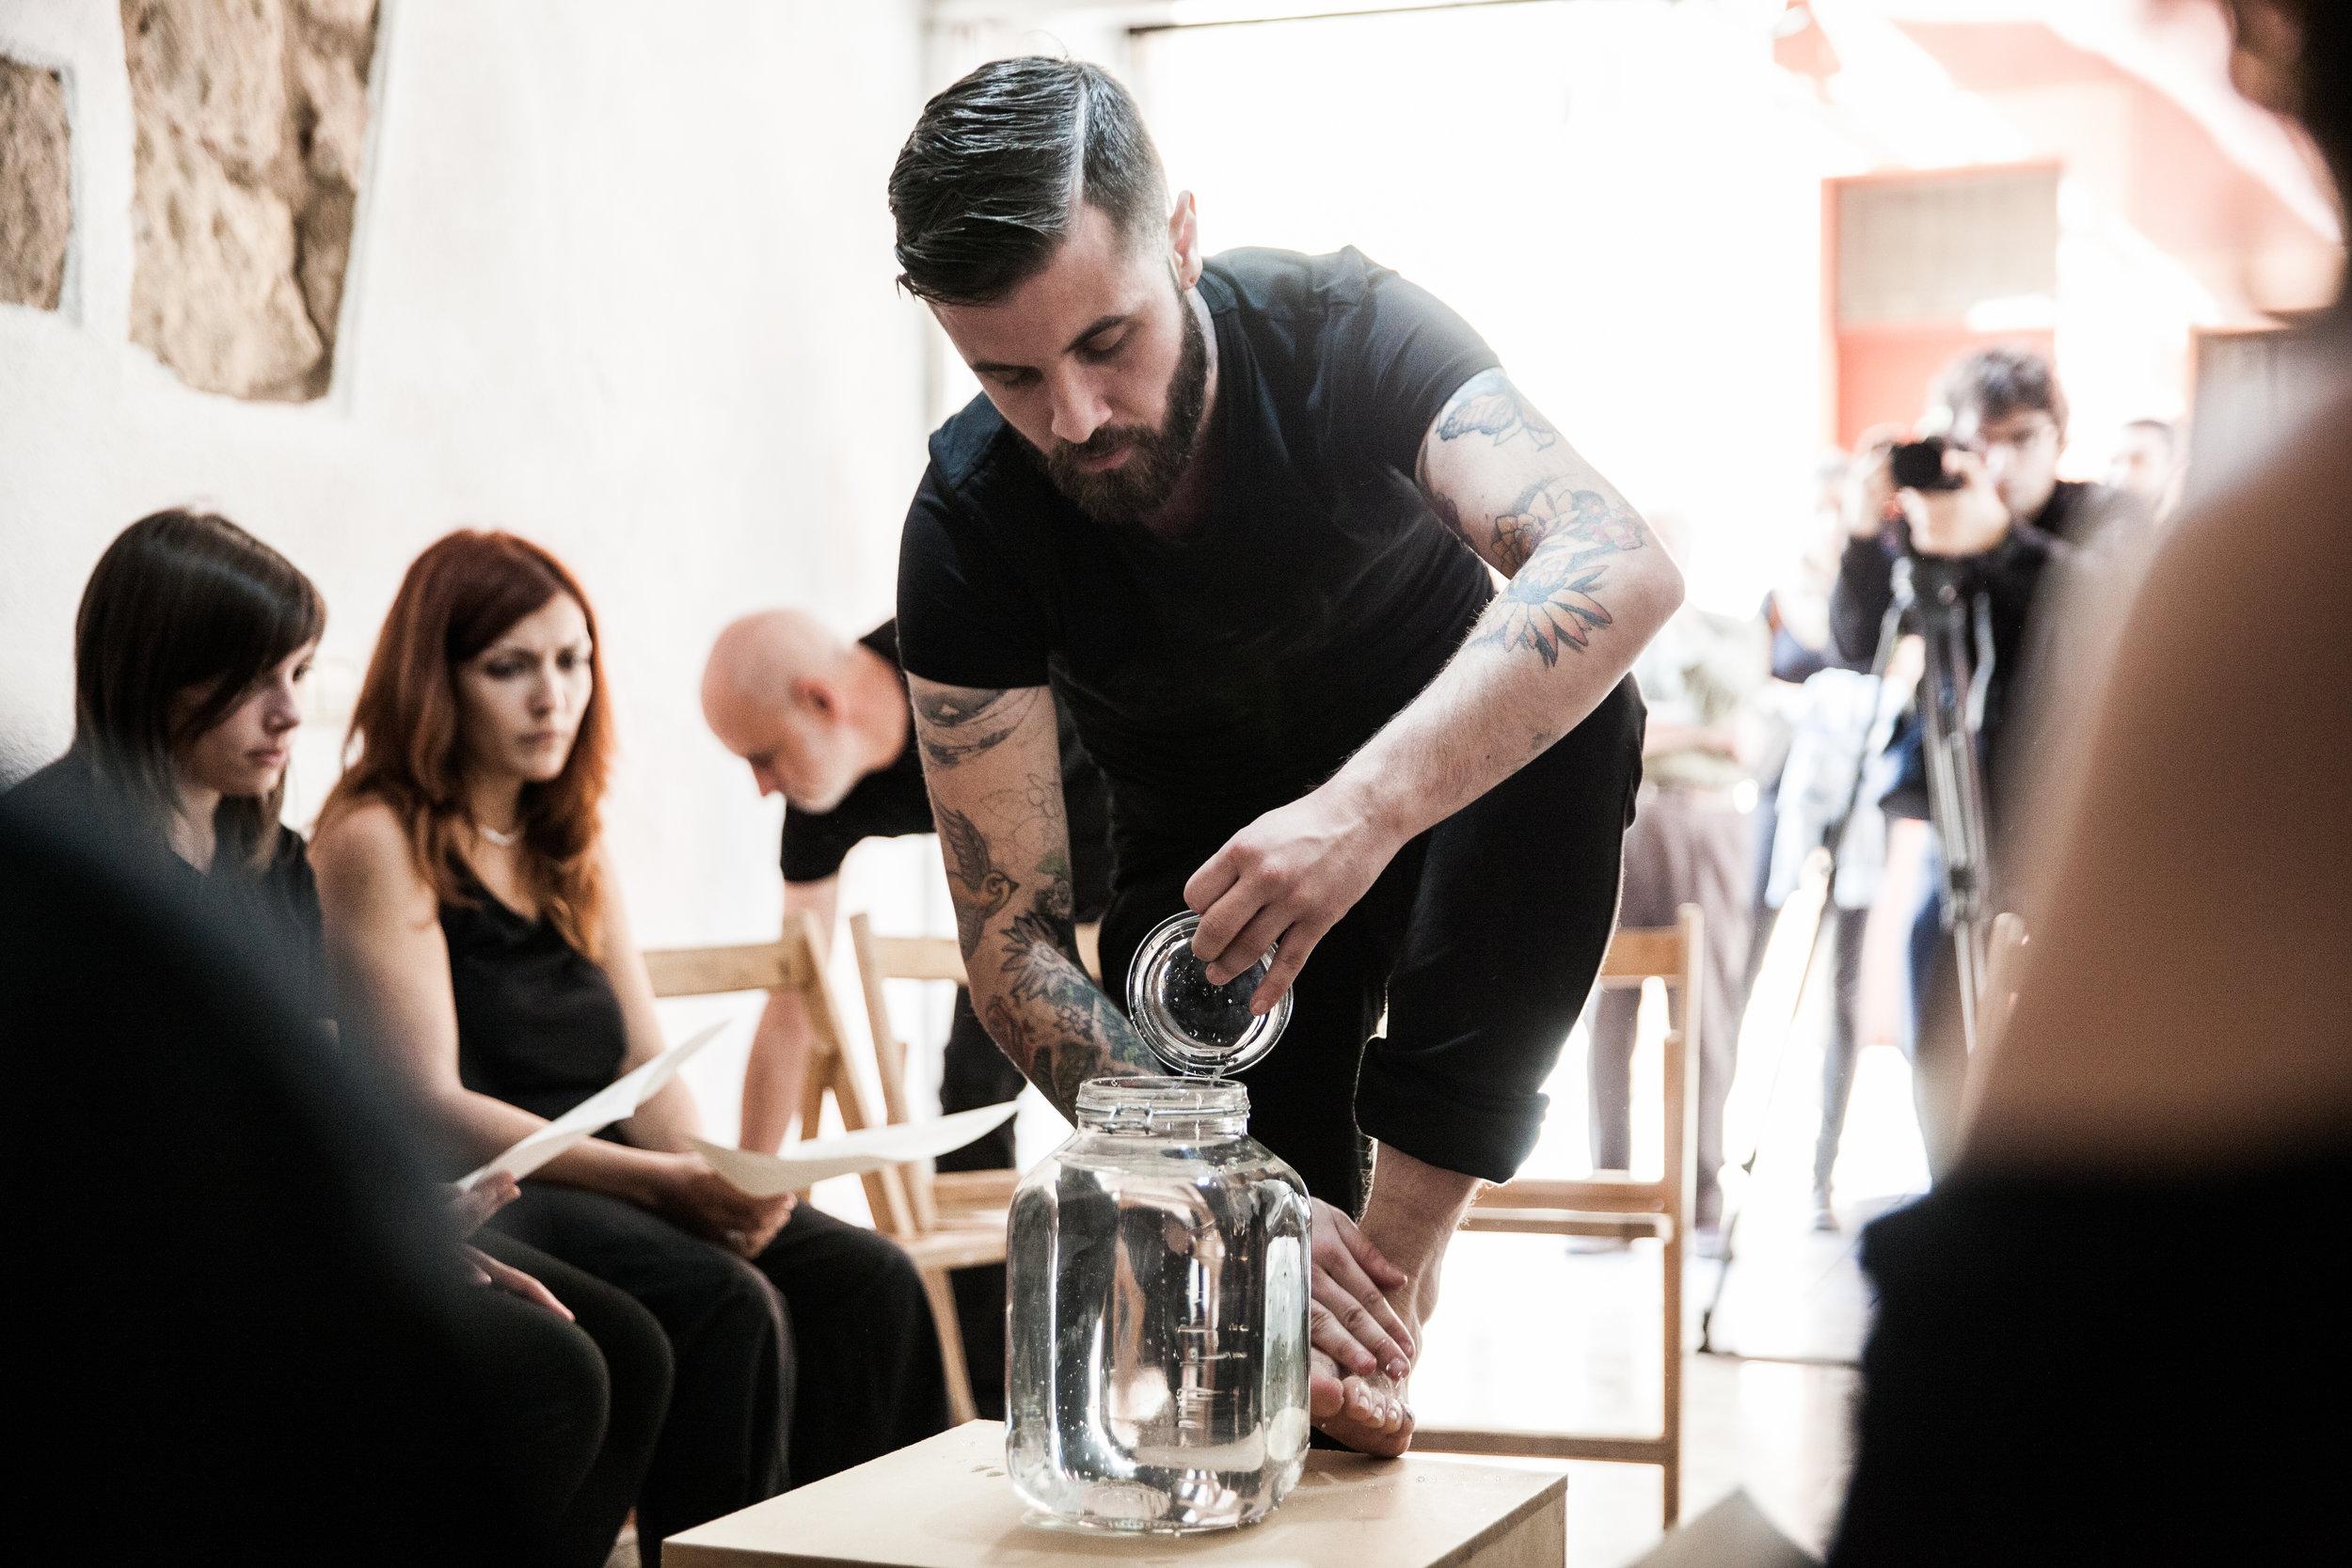 Obras críticas y de denuncia. Experiencias personas utilizadas con espíritu catártico. En la imagen el artista    Abel Azcona    inicia un proceso de seis horas duración en el que explora situaciones vividas en torno al dolor, el maltrato o el abandono.